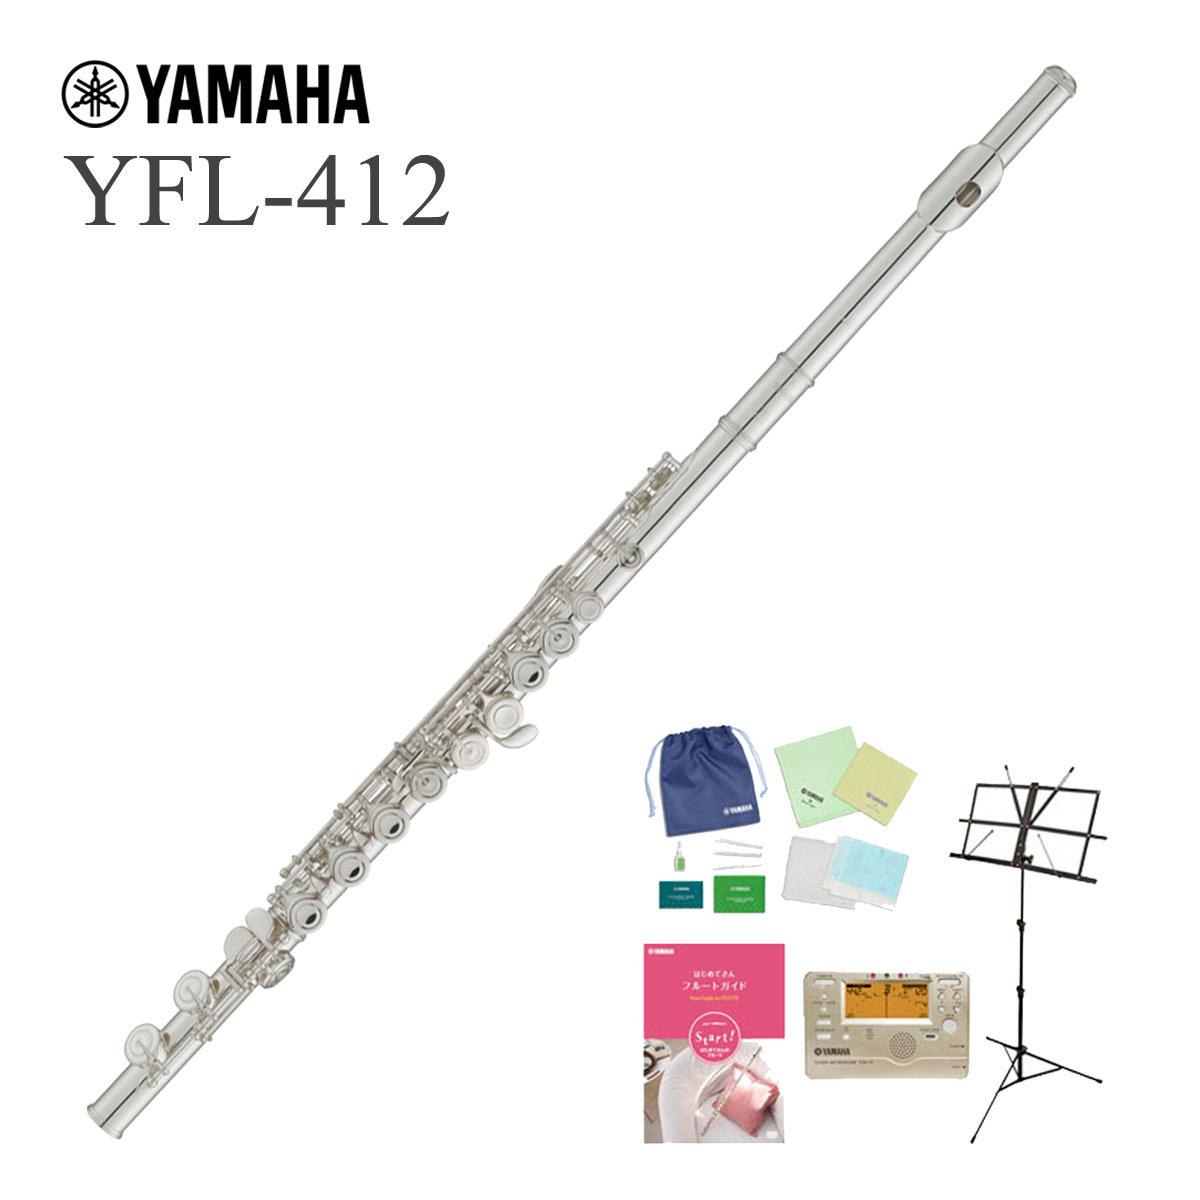 【1月6日12時まで福袋セール】【在庫あり】YAMAHA / YFL-412 ヤマハ フルート スタンダード Eメカ付 管体銀製 《未展示倉庫保管の新品をお届け》《全部入りセット》【5年保証】